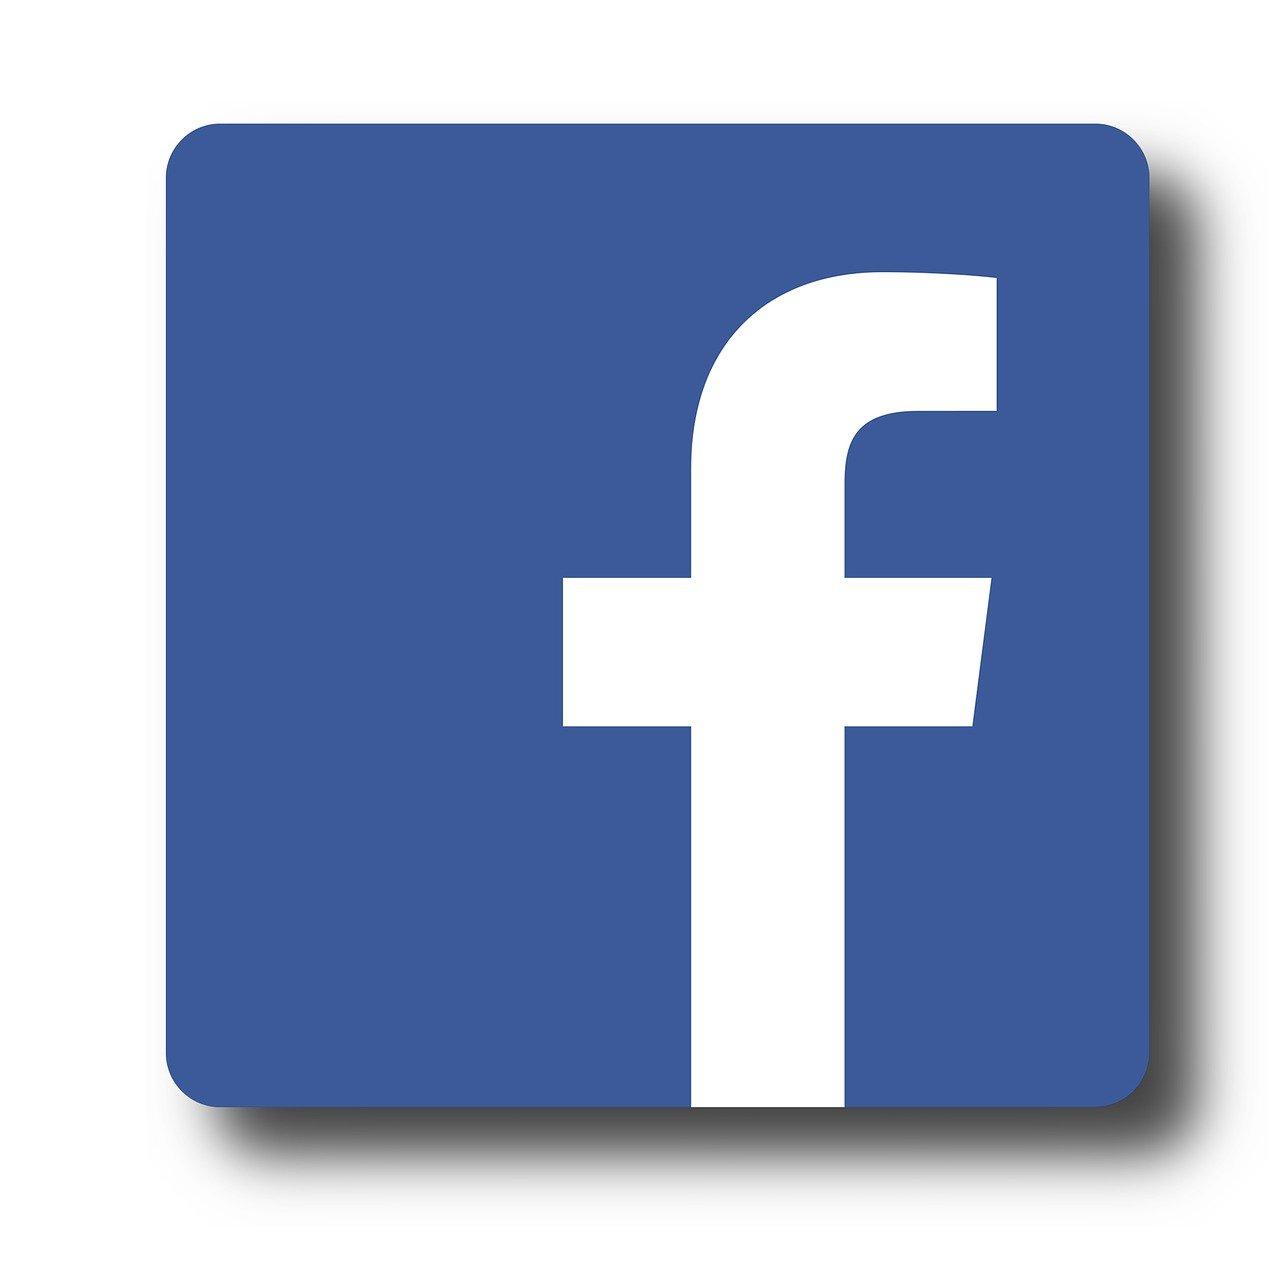 Cos'è la lista XCheck che tutela i VIP su Facebook